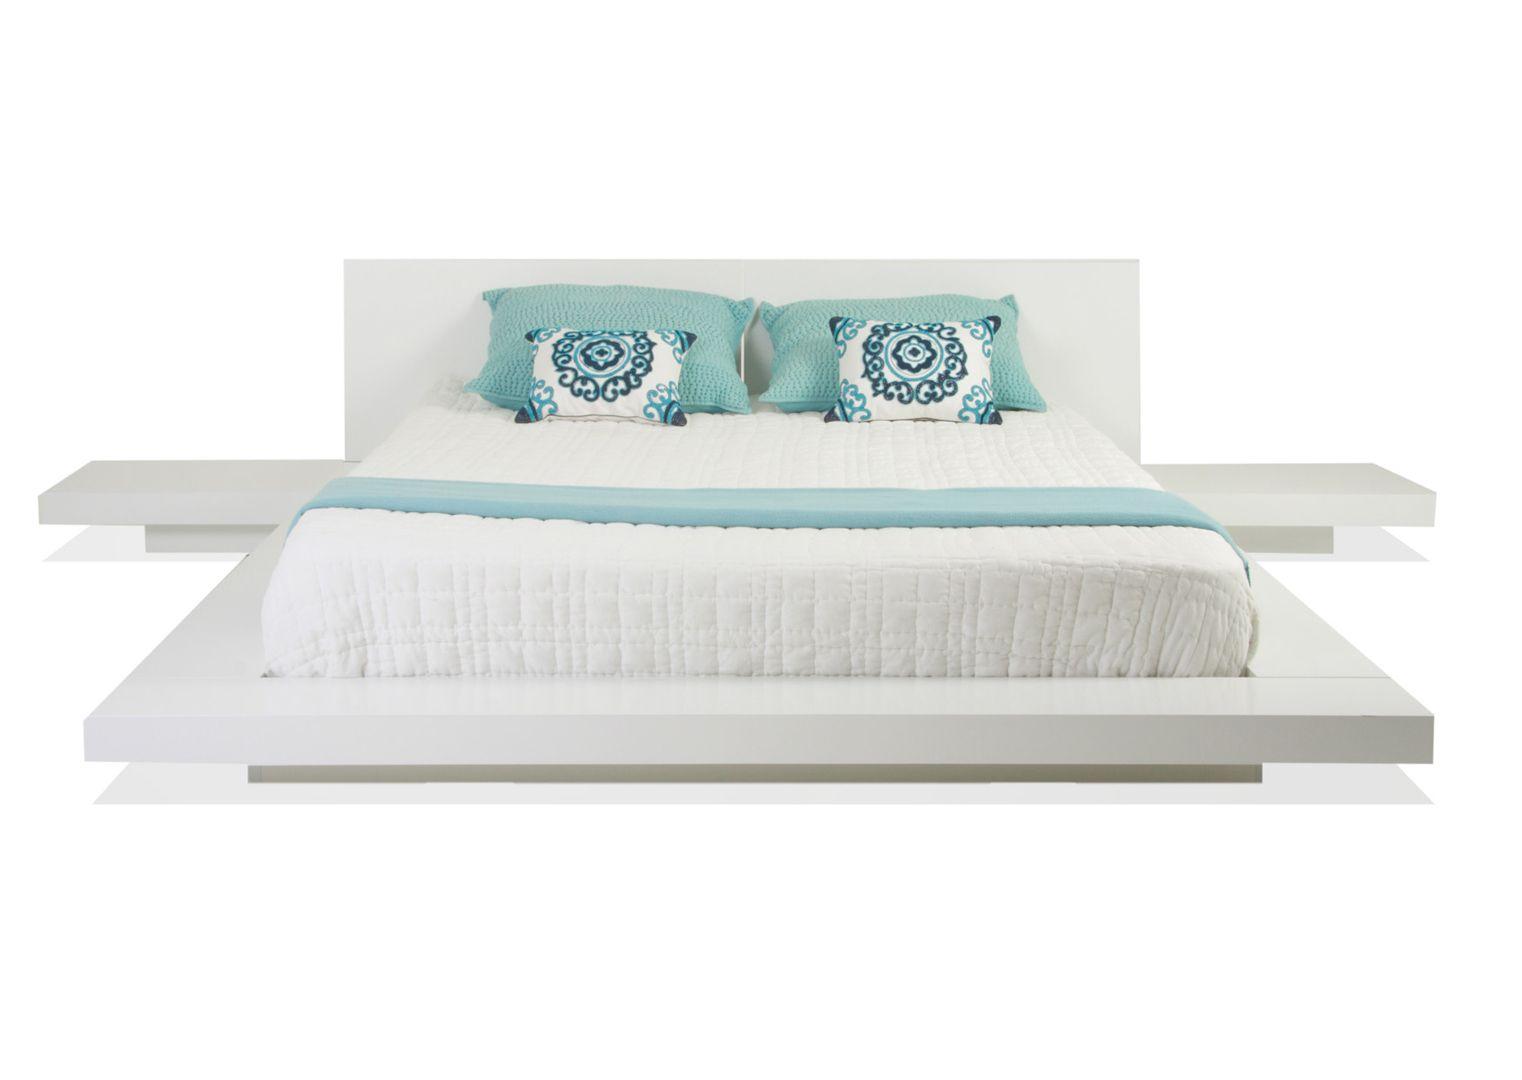 Japanese Platform Bed White Platform Japanese Bed Furniture Bedroom Furniture Bed